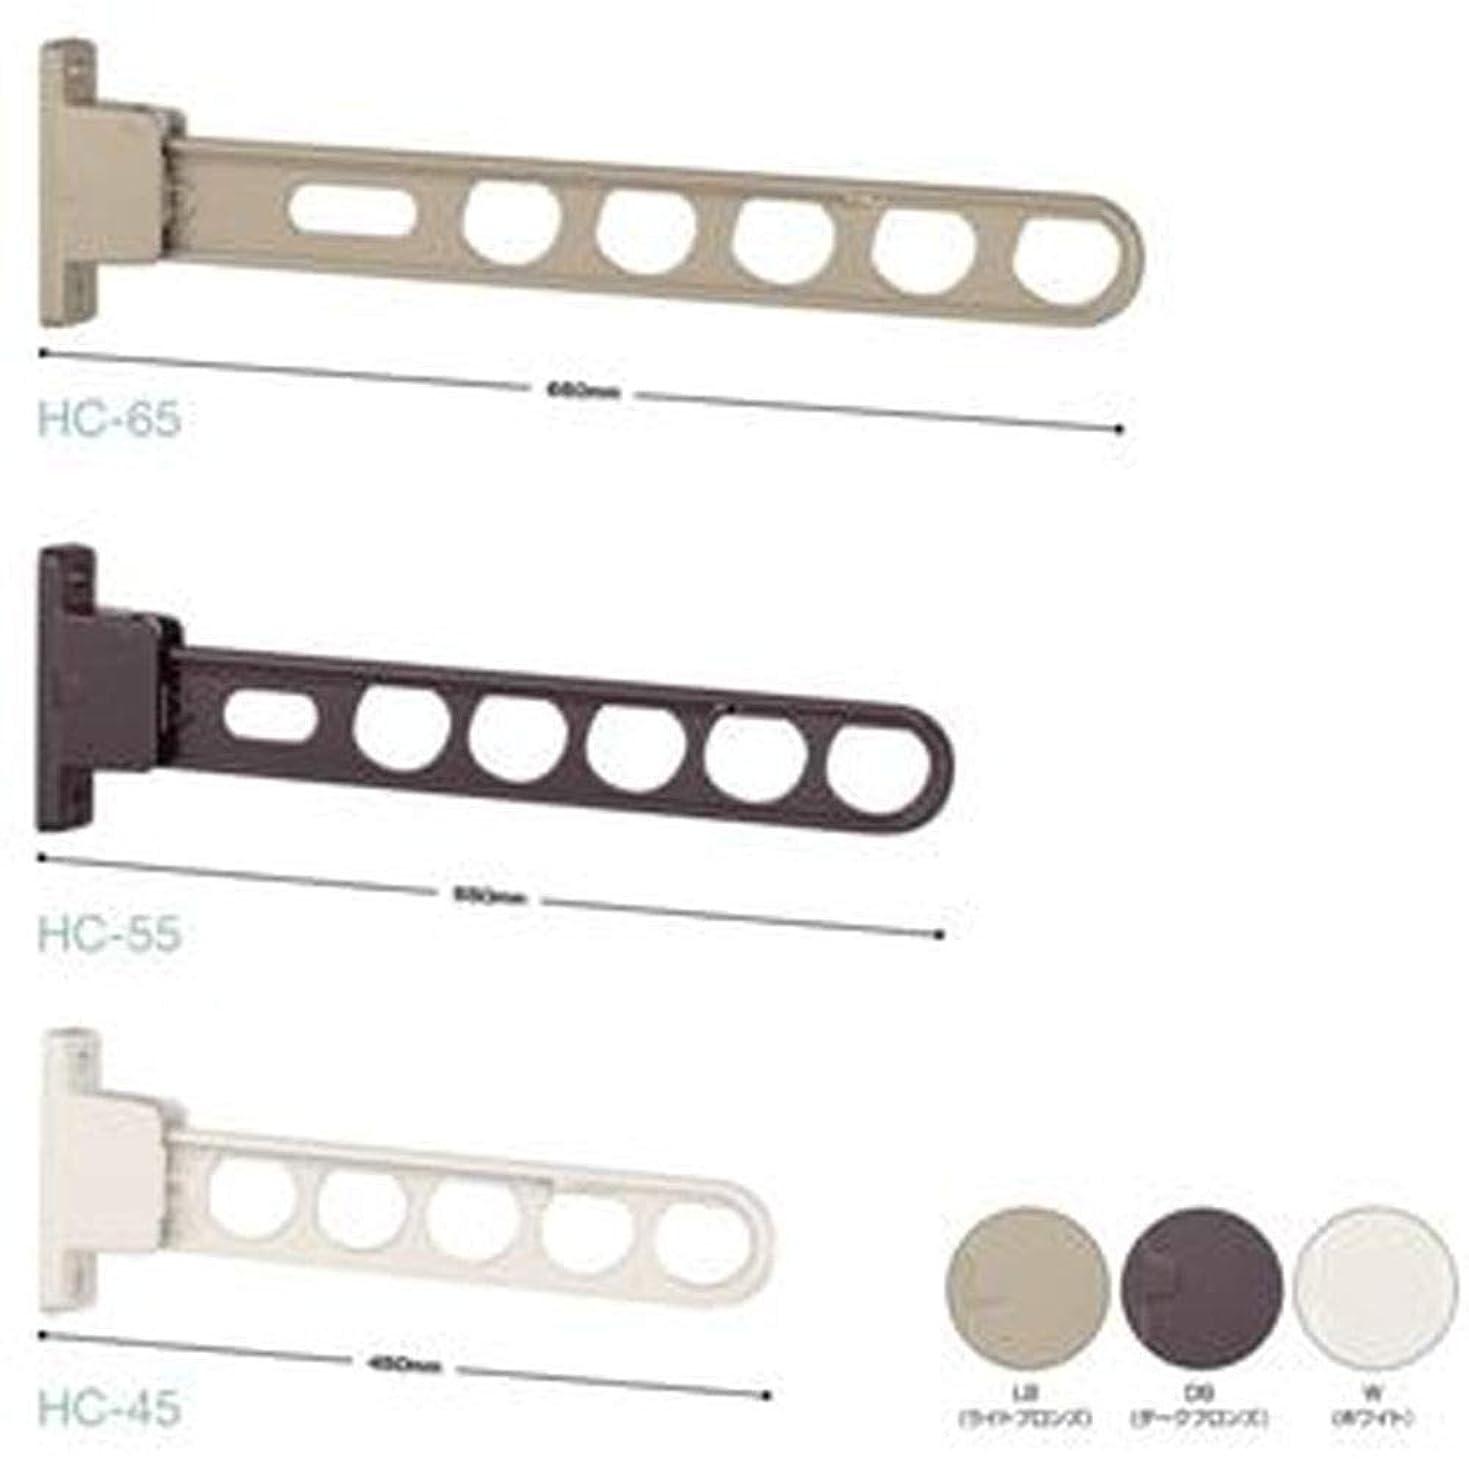 フィルタ有益以前は- 2本セット - / 川口技研/ホスクリーン/物干し金物 / - ベランダ/バルコニー手すり壁用/長さ:550mm - / ライトブロンズ/HC-55-LB